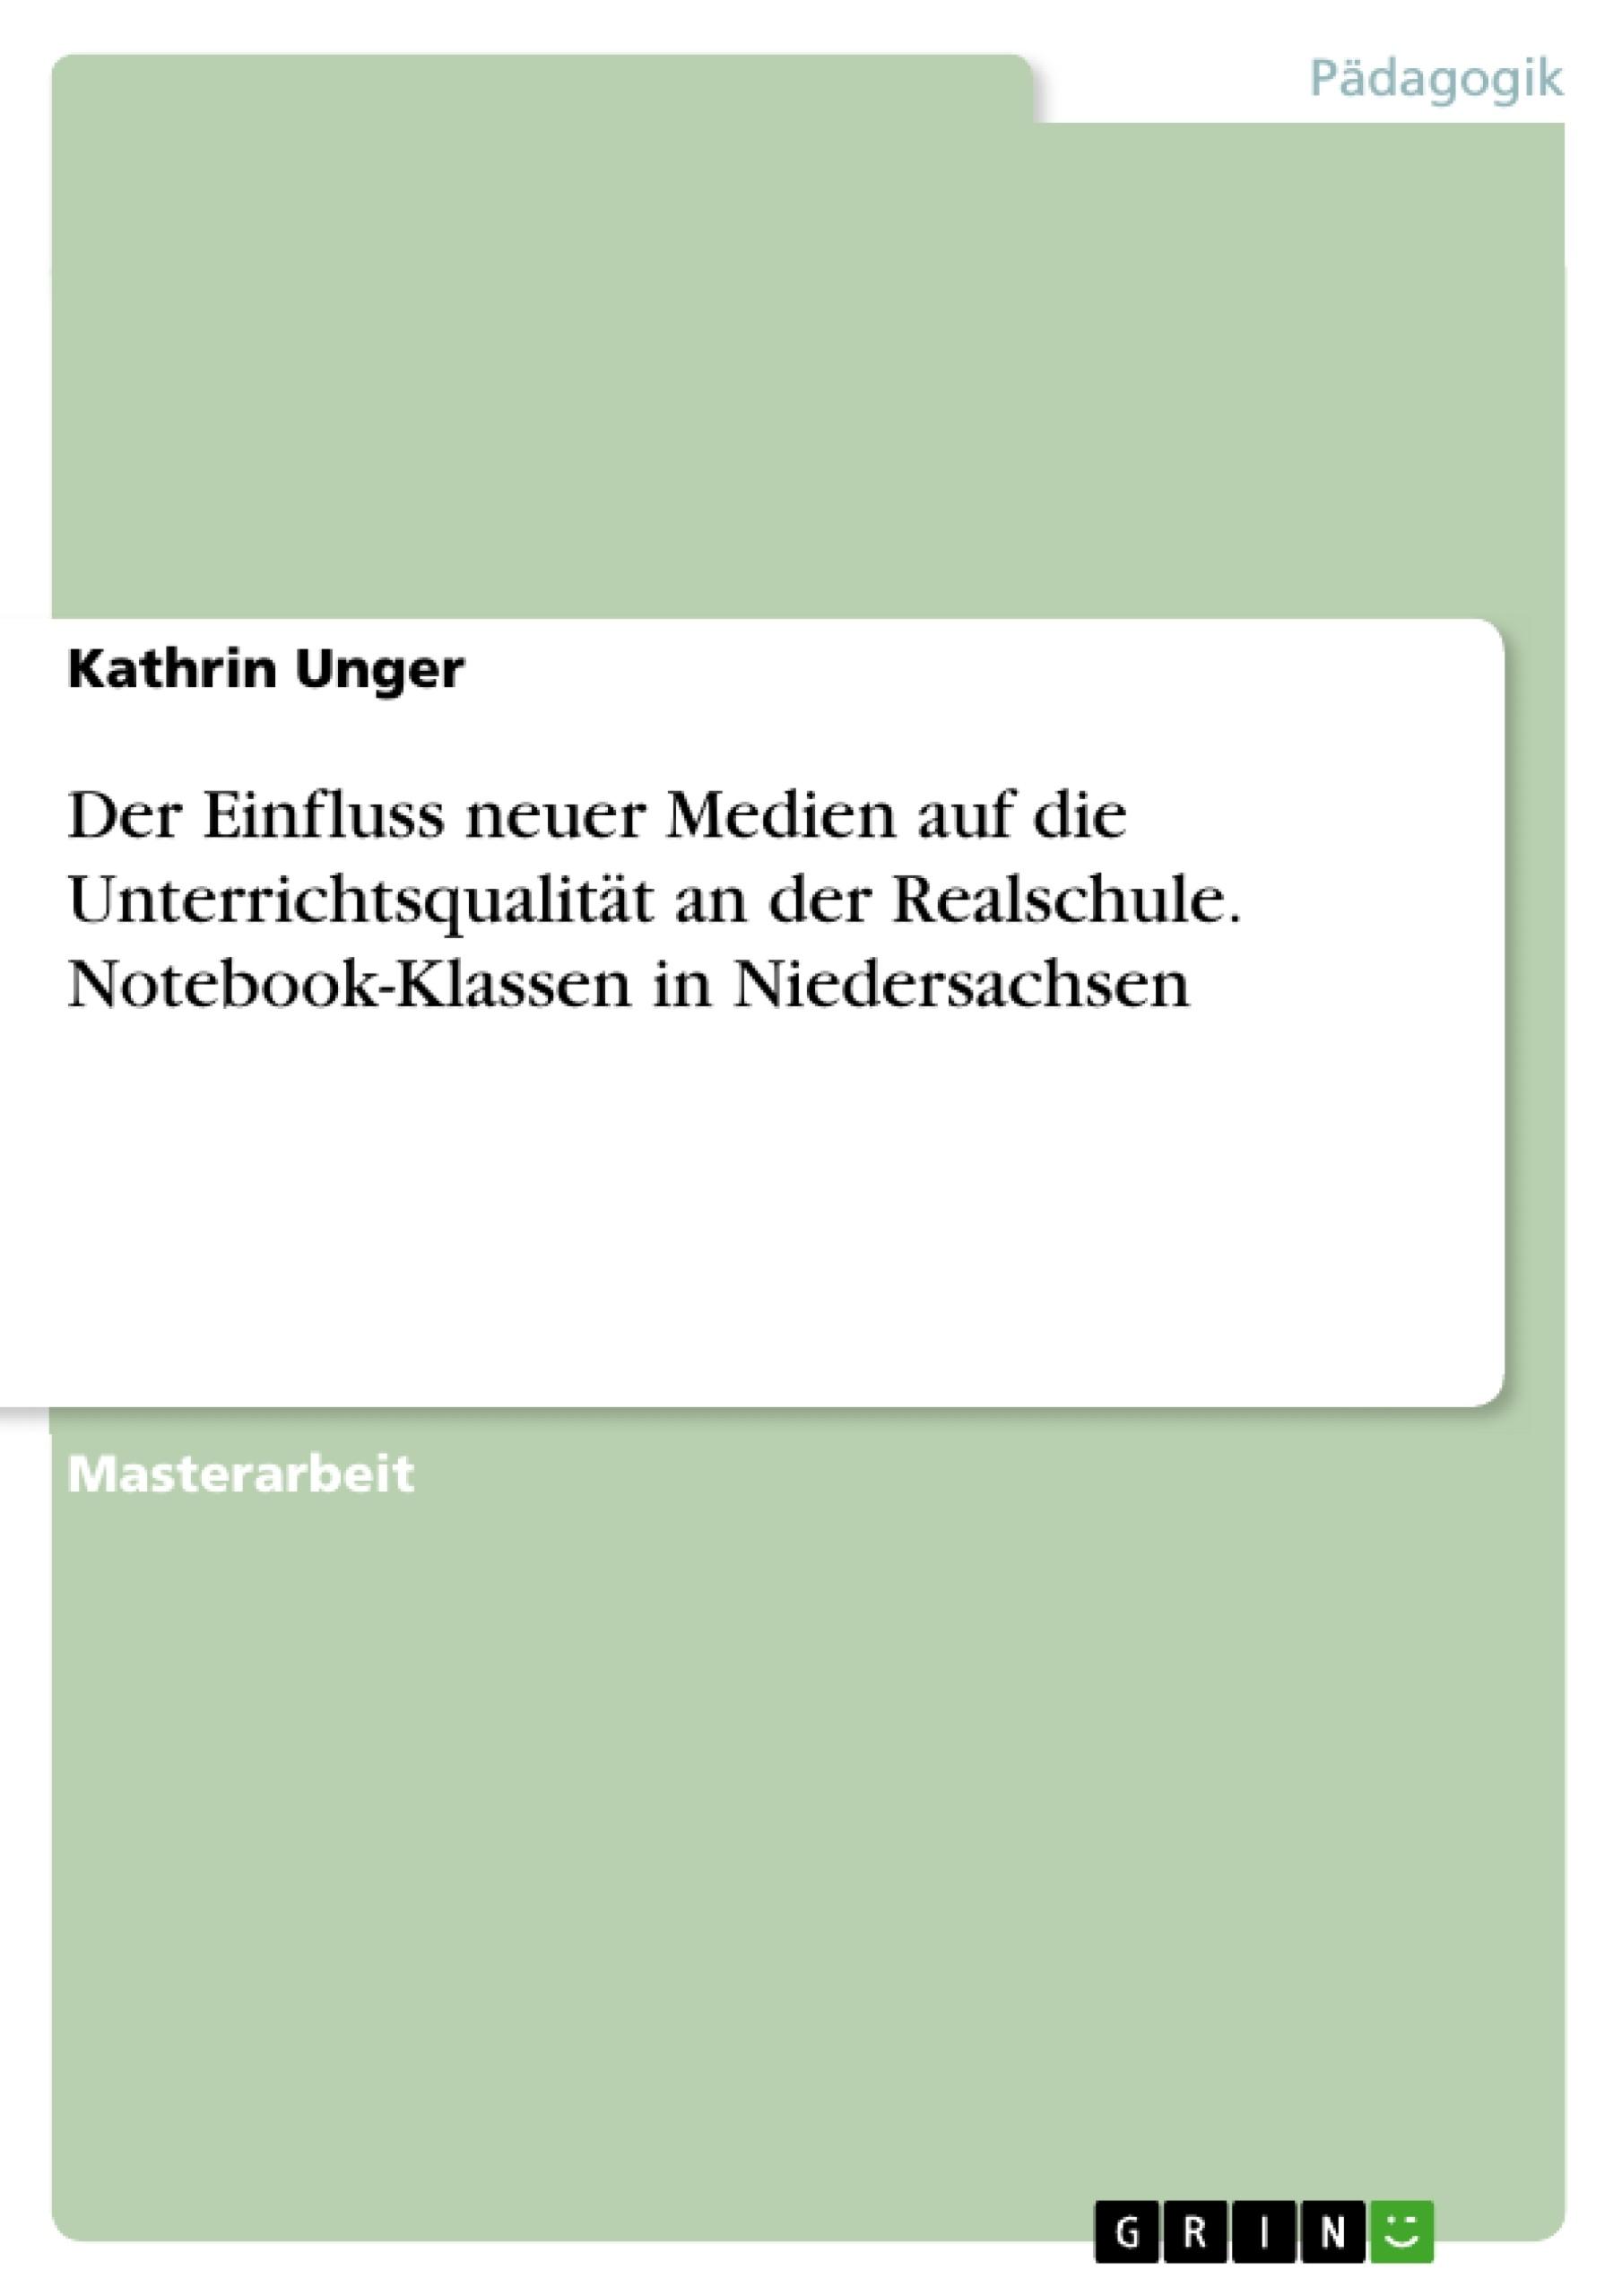 Titel: Der Einfluss neuer Medien auf die Unterrichtsqualität an der Realschule. Notebook-Klassen in Niedersachsen